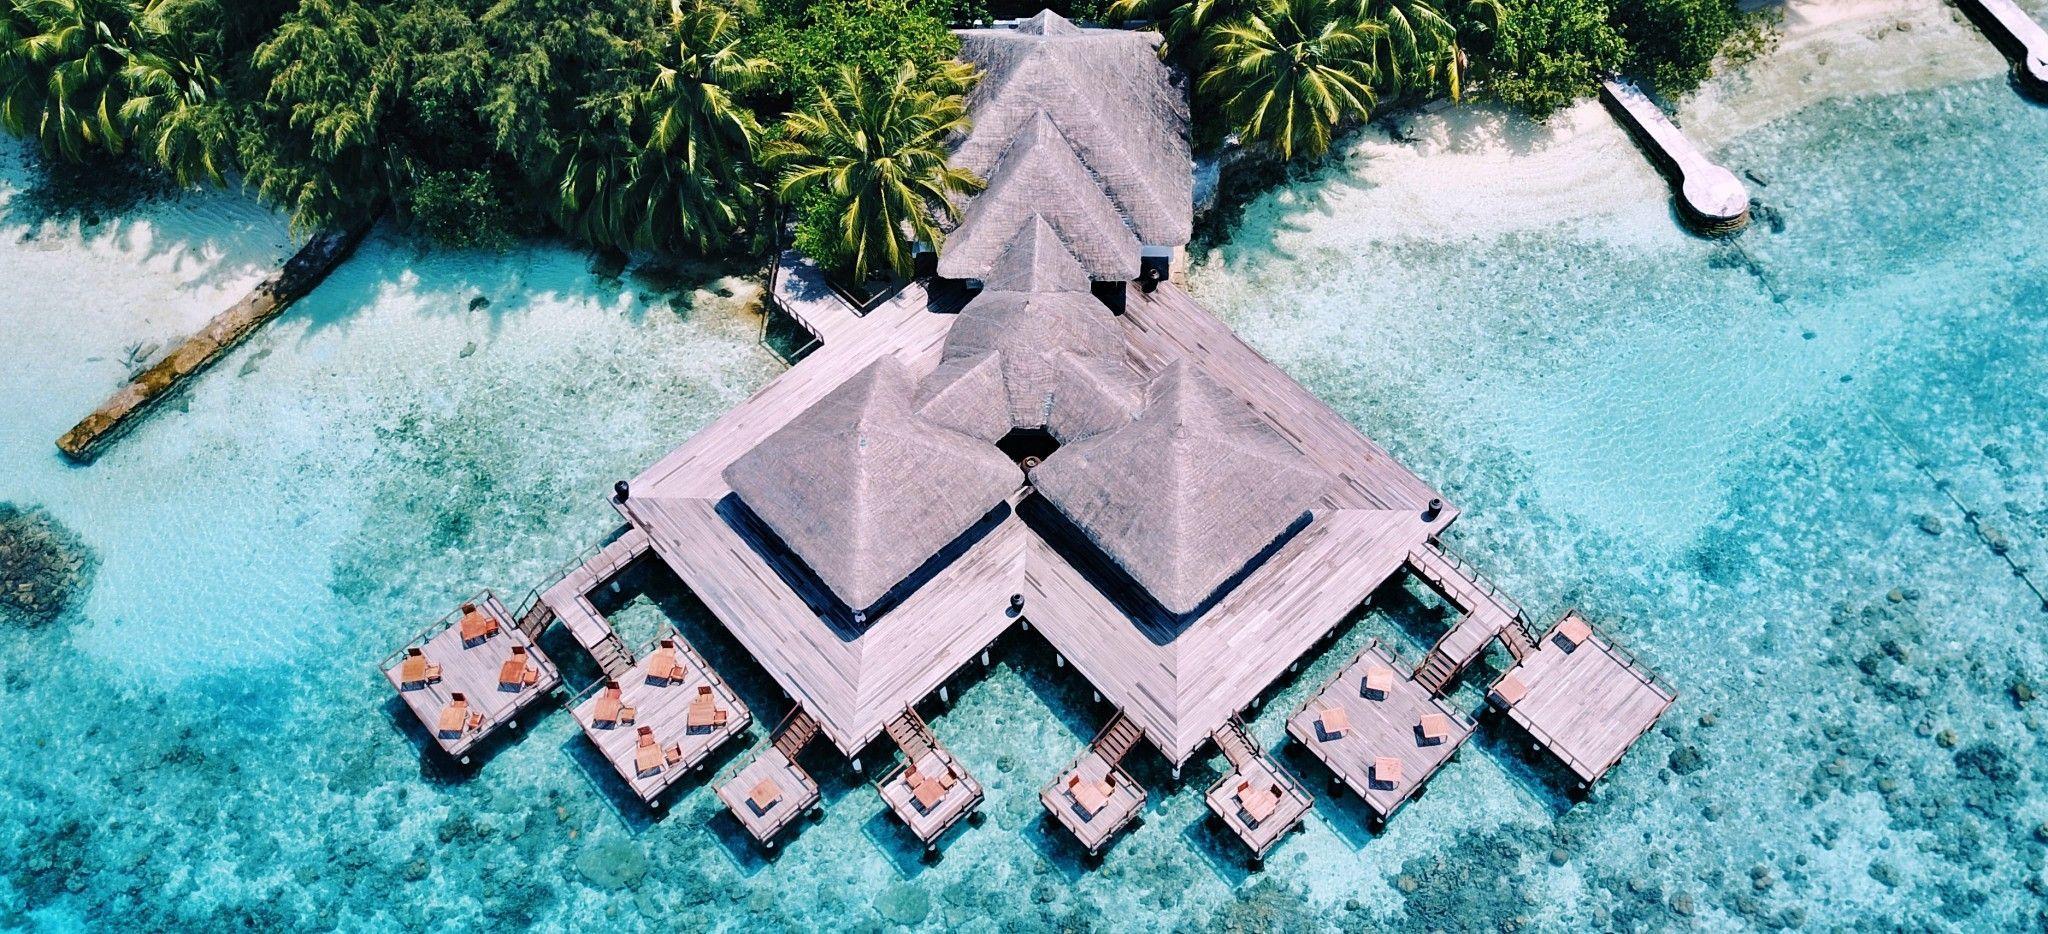 Eine riesige Wasservilla im Hotel Coco Bodhu Hithi, Malediven